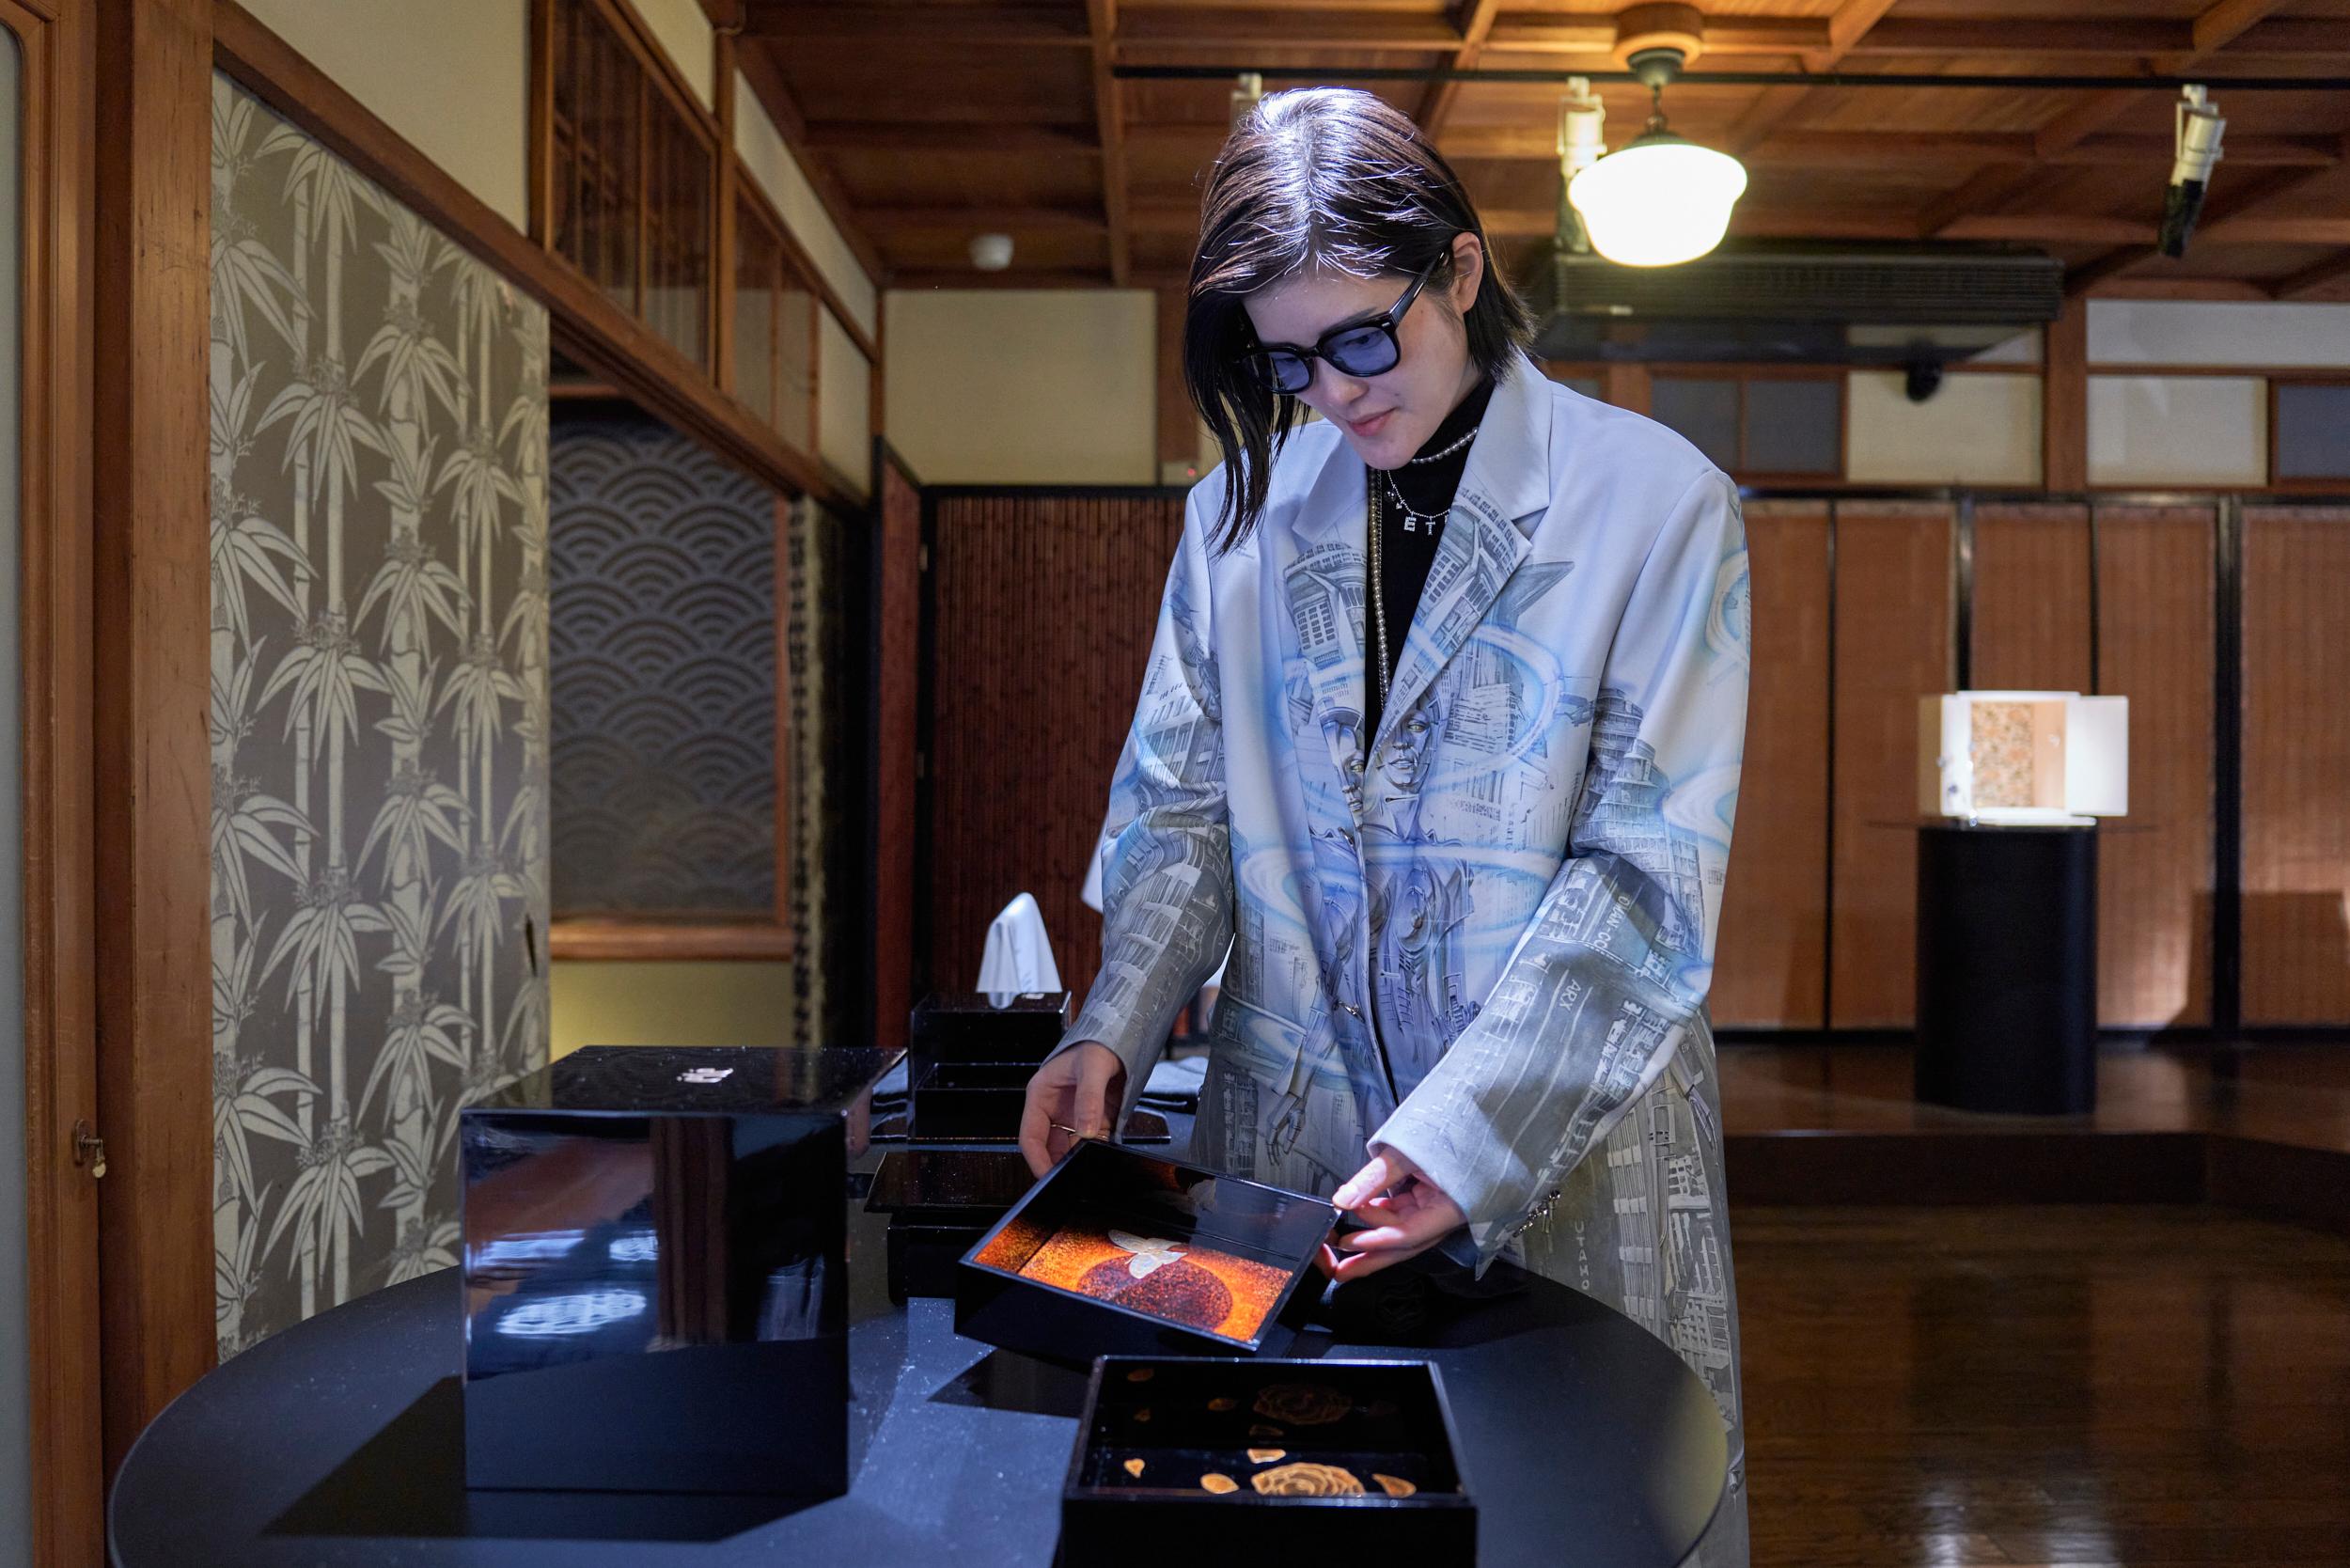 庄司夏子さんとお誂えのケーキボックス